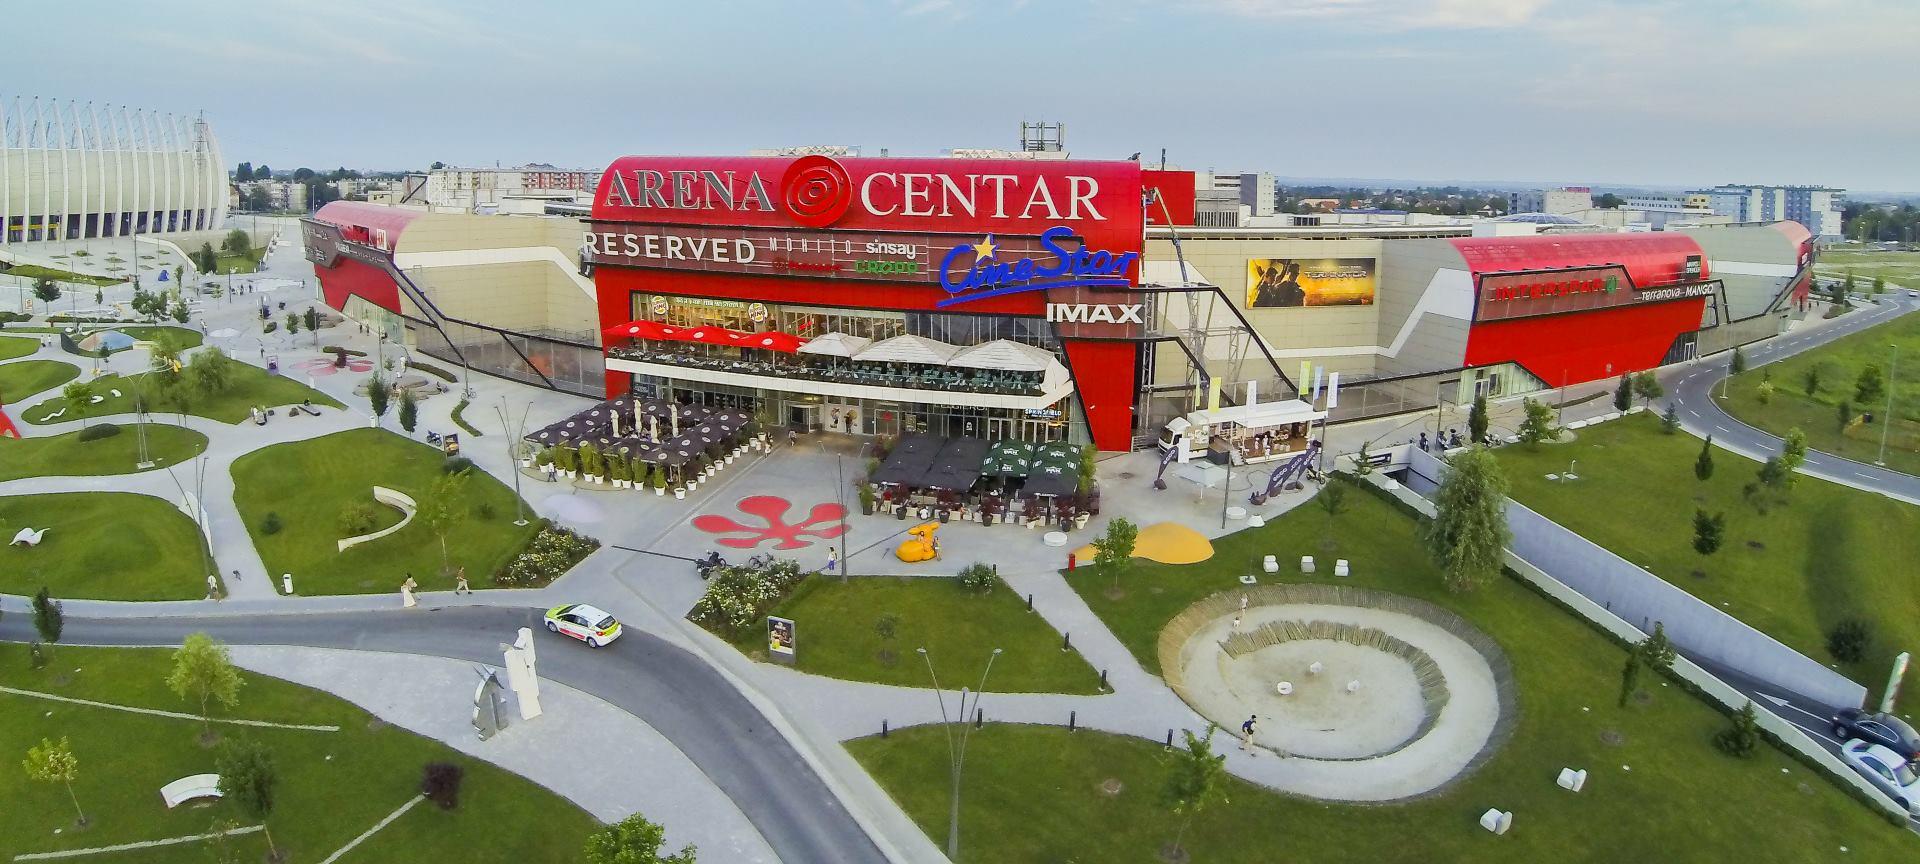 ARENA CENTAR Najveći trgovački centar u Zagrebu ostvario rekordnu posjećenost i kreće u nove poslovne izazove